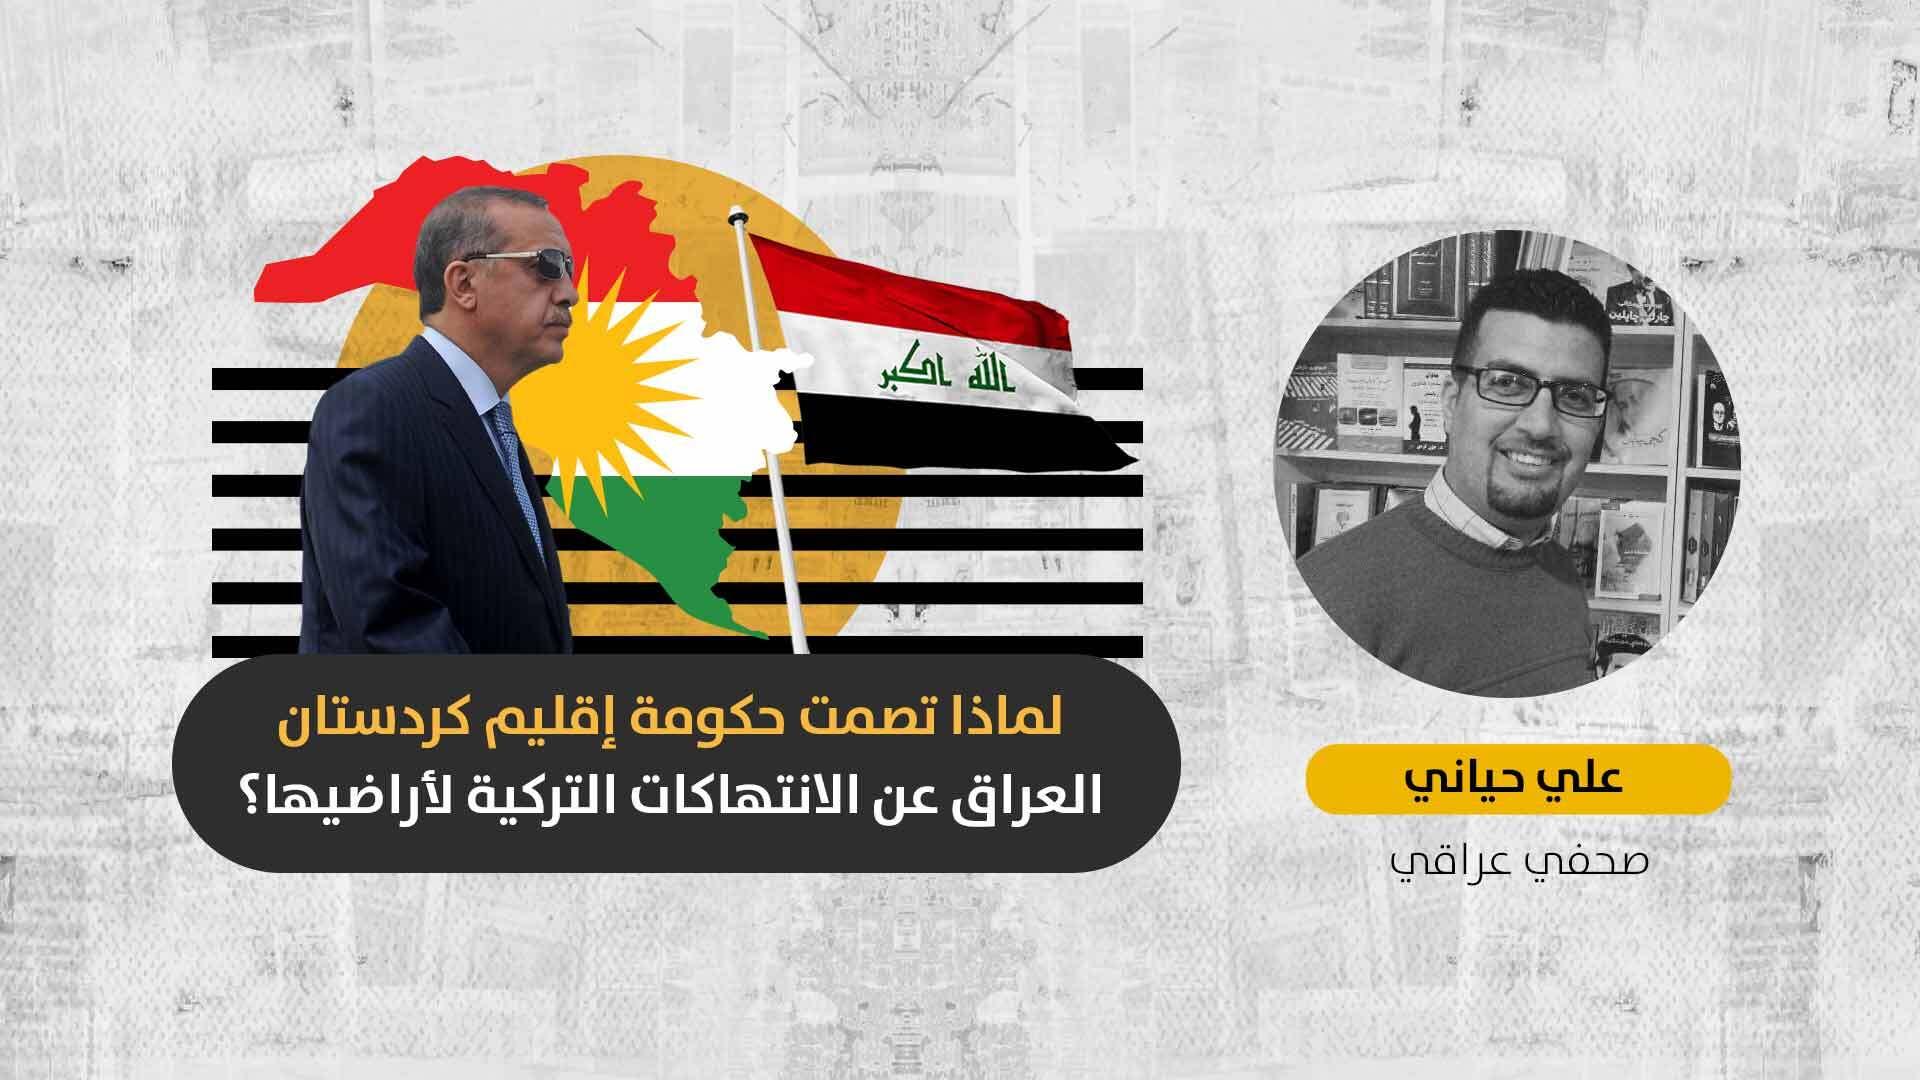 الوجود العسكري التركي في العراق: هل سينجح البرلمان العراقي بإصدار قرار بانسحاب القوات التركية من البلاد؟